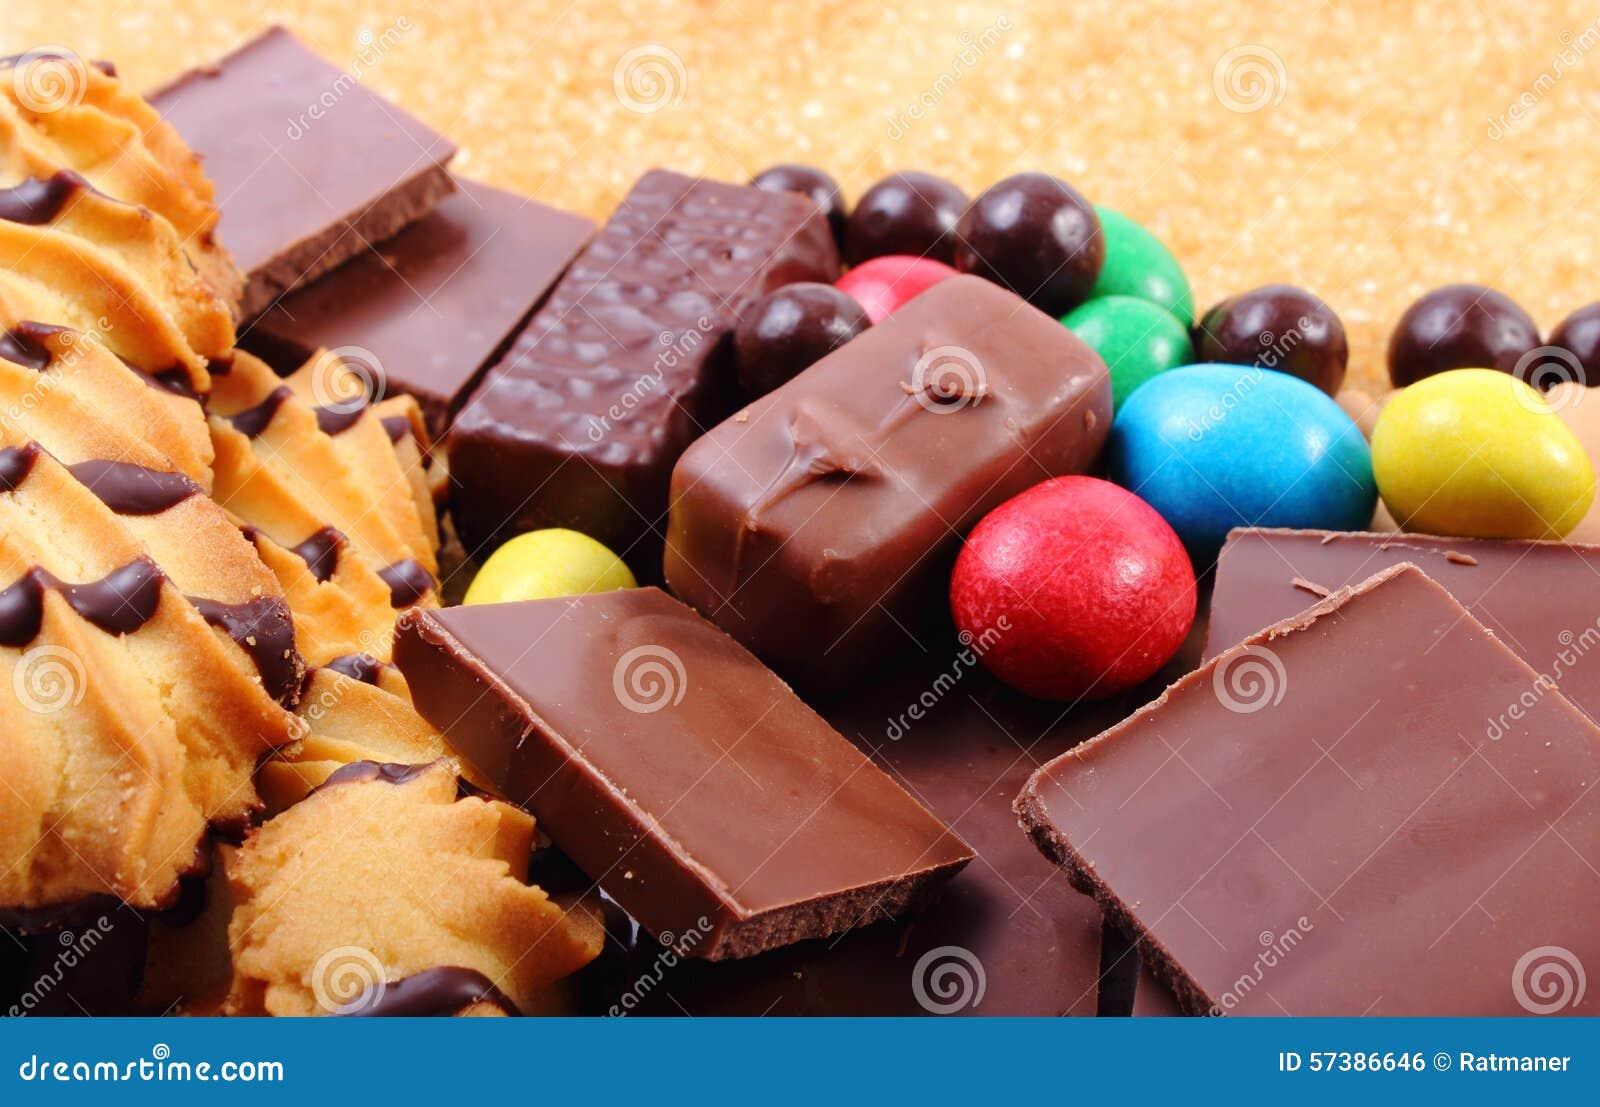 Heel wat snoepjes en riet bruine suiker, ongezond voedsel